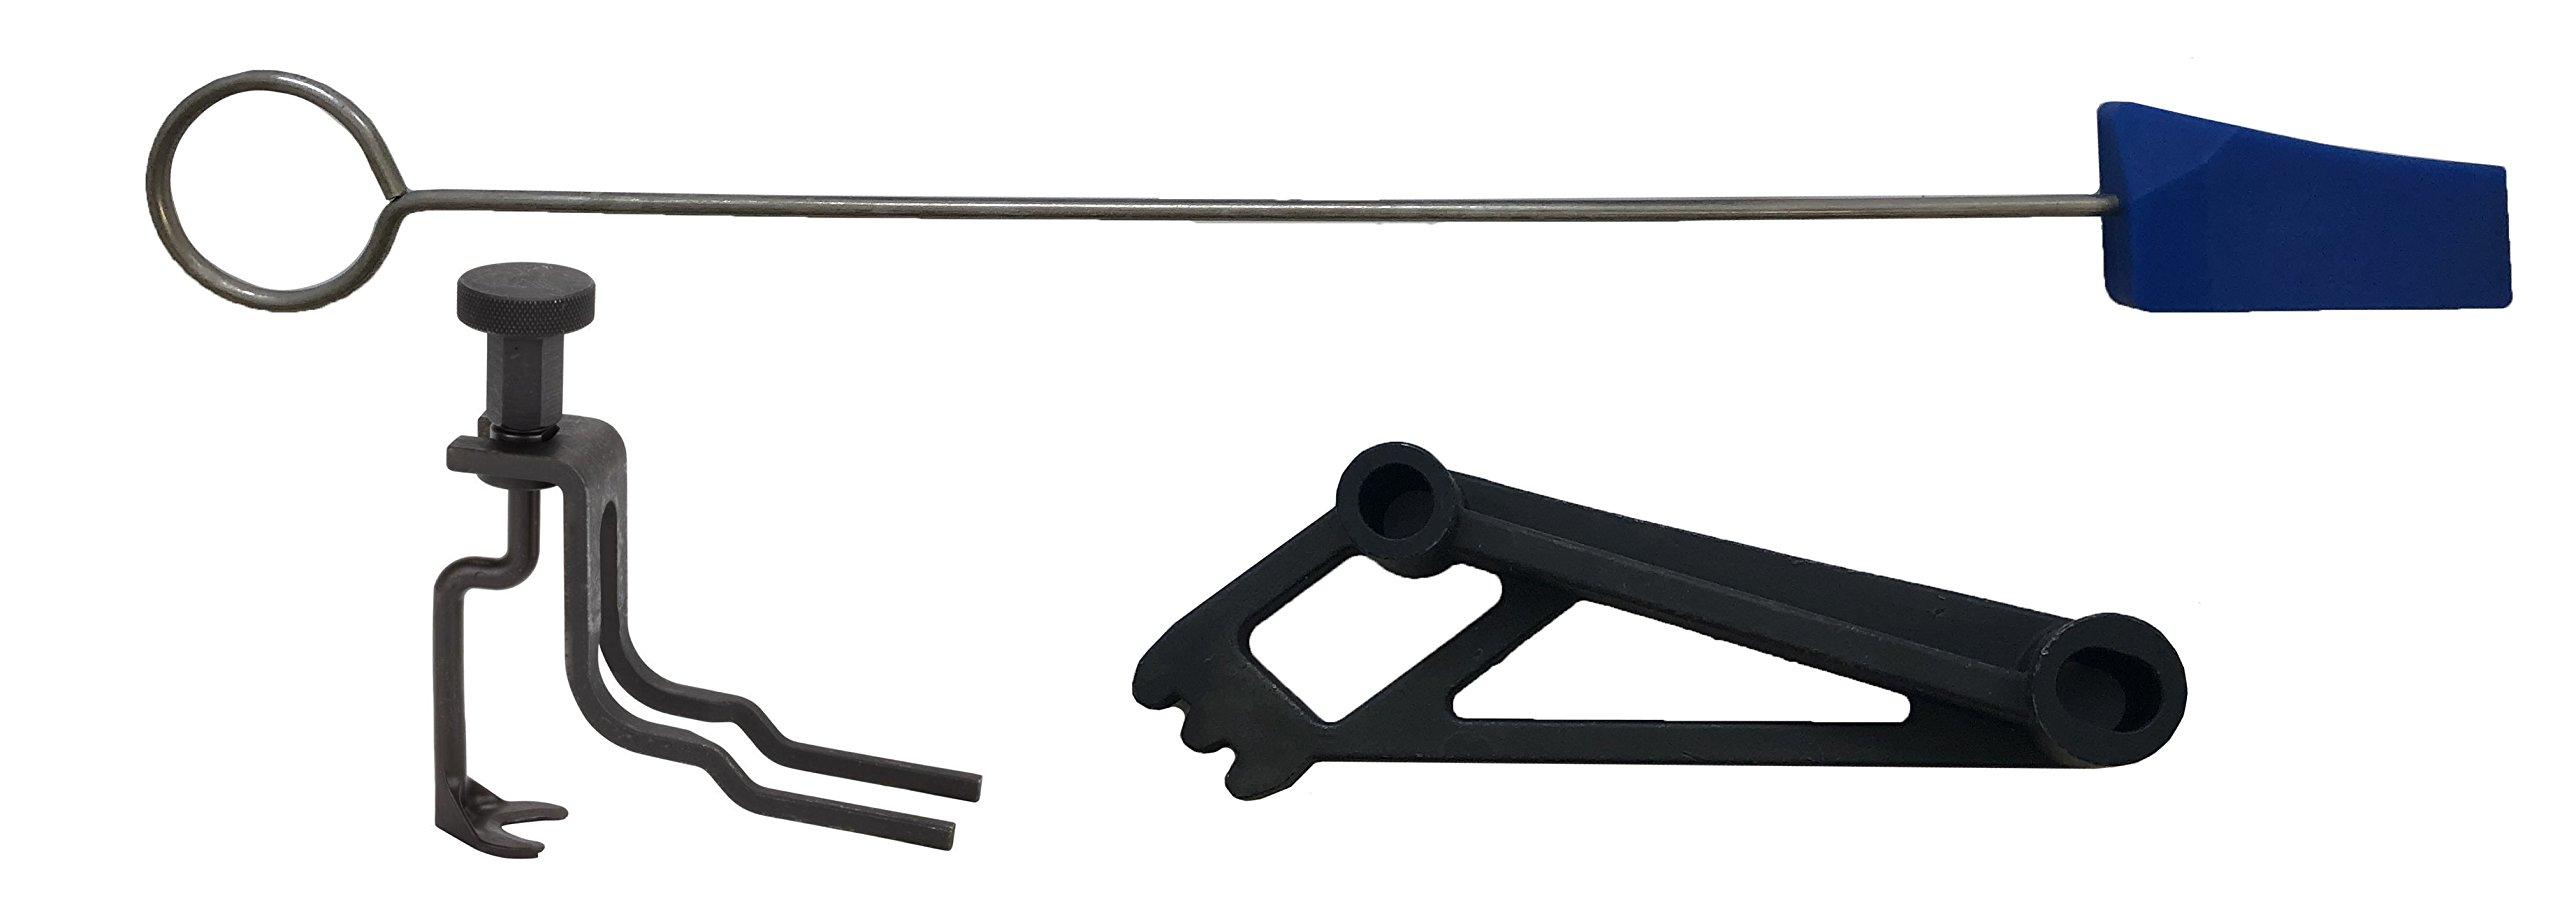 CTA Tools 7640U Ford Camshaft/Valve Tool Kit